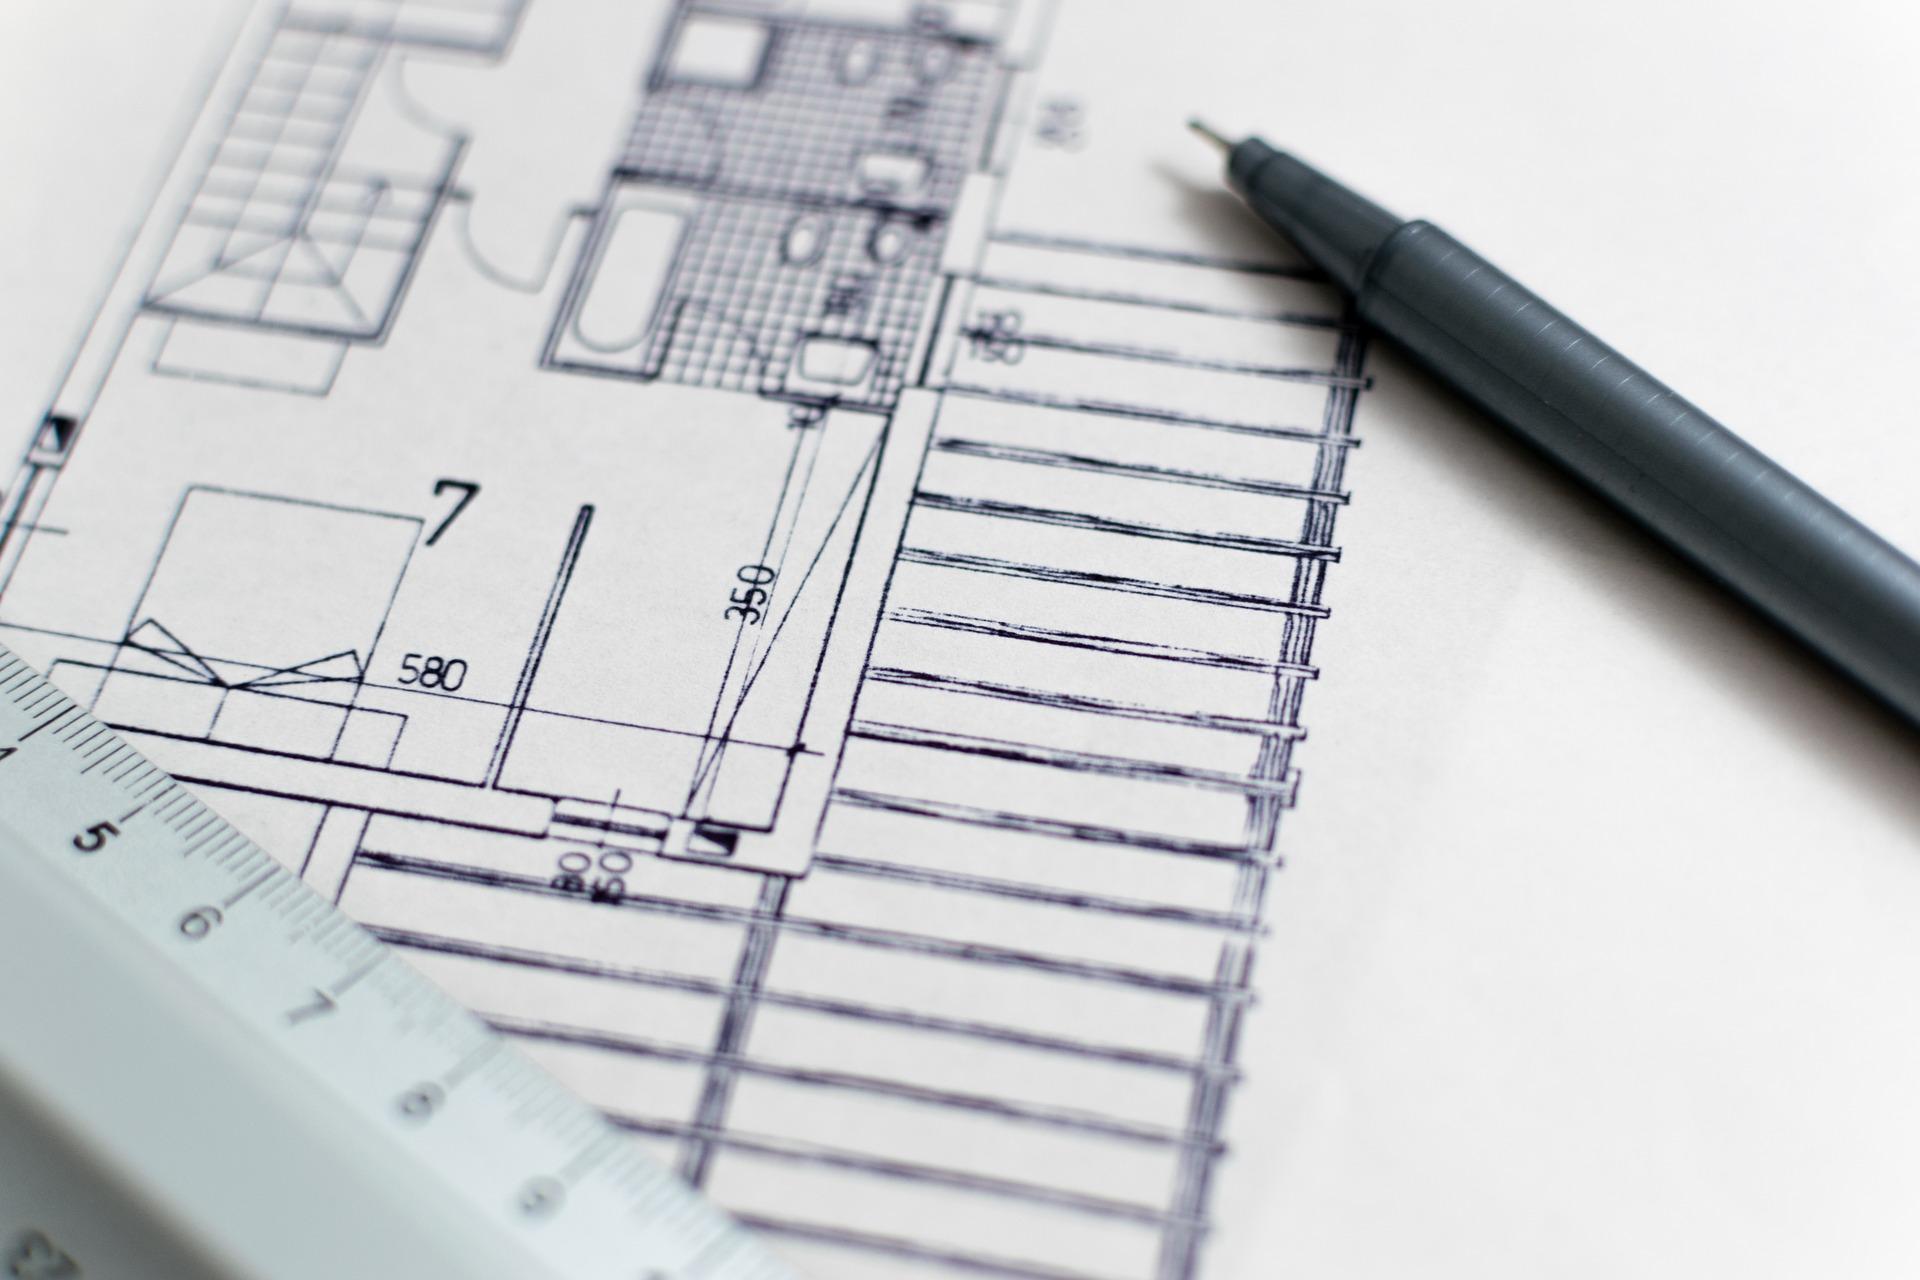 Construir una casa en Costa Blanca desde cero: Elija la parcela y siga todo el proceso hasta el momento de la entrega de llaves.